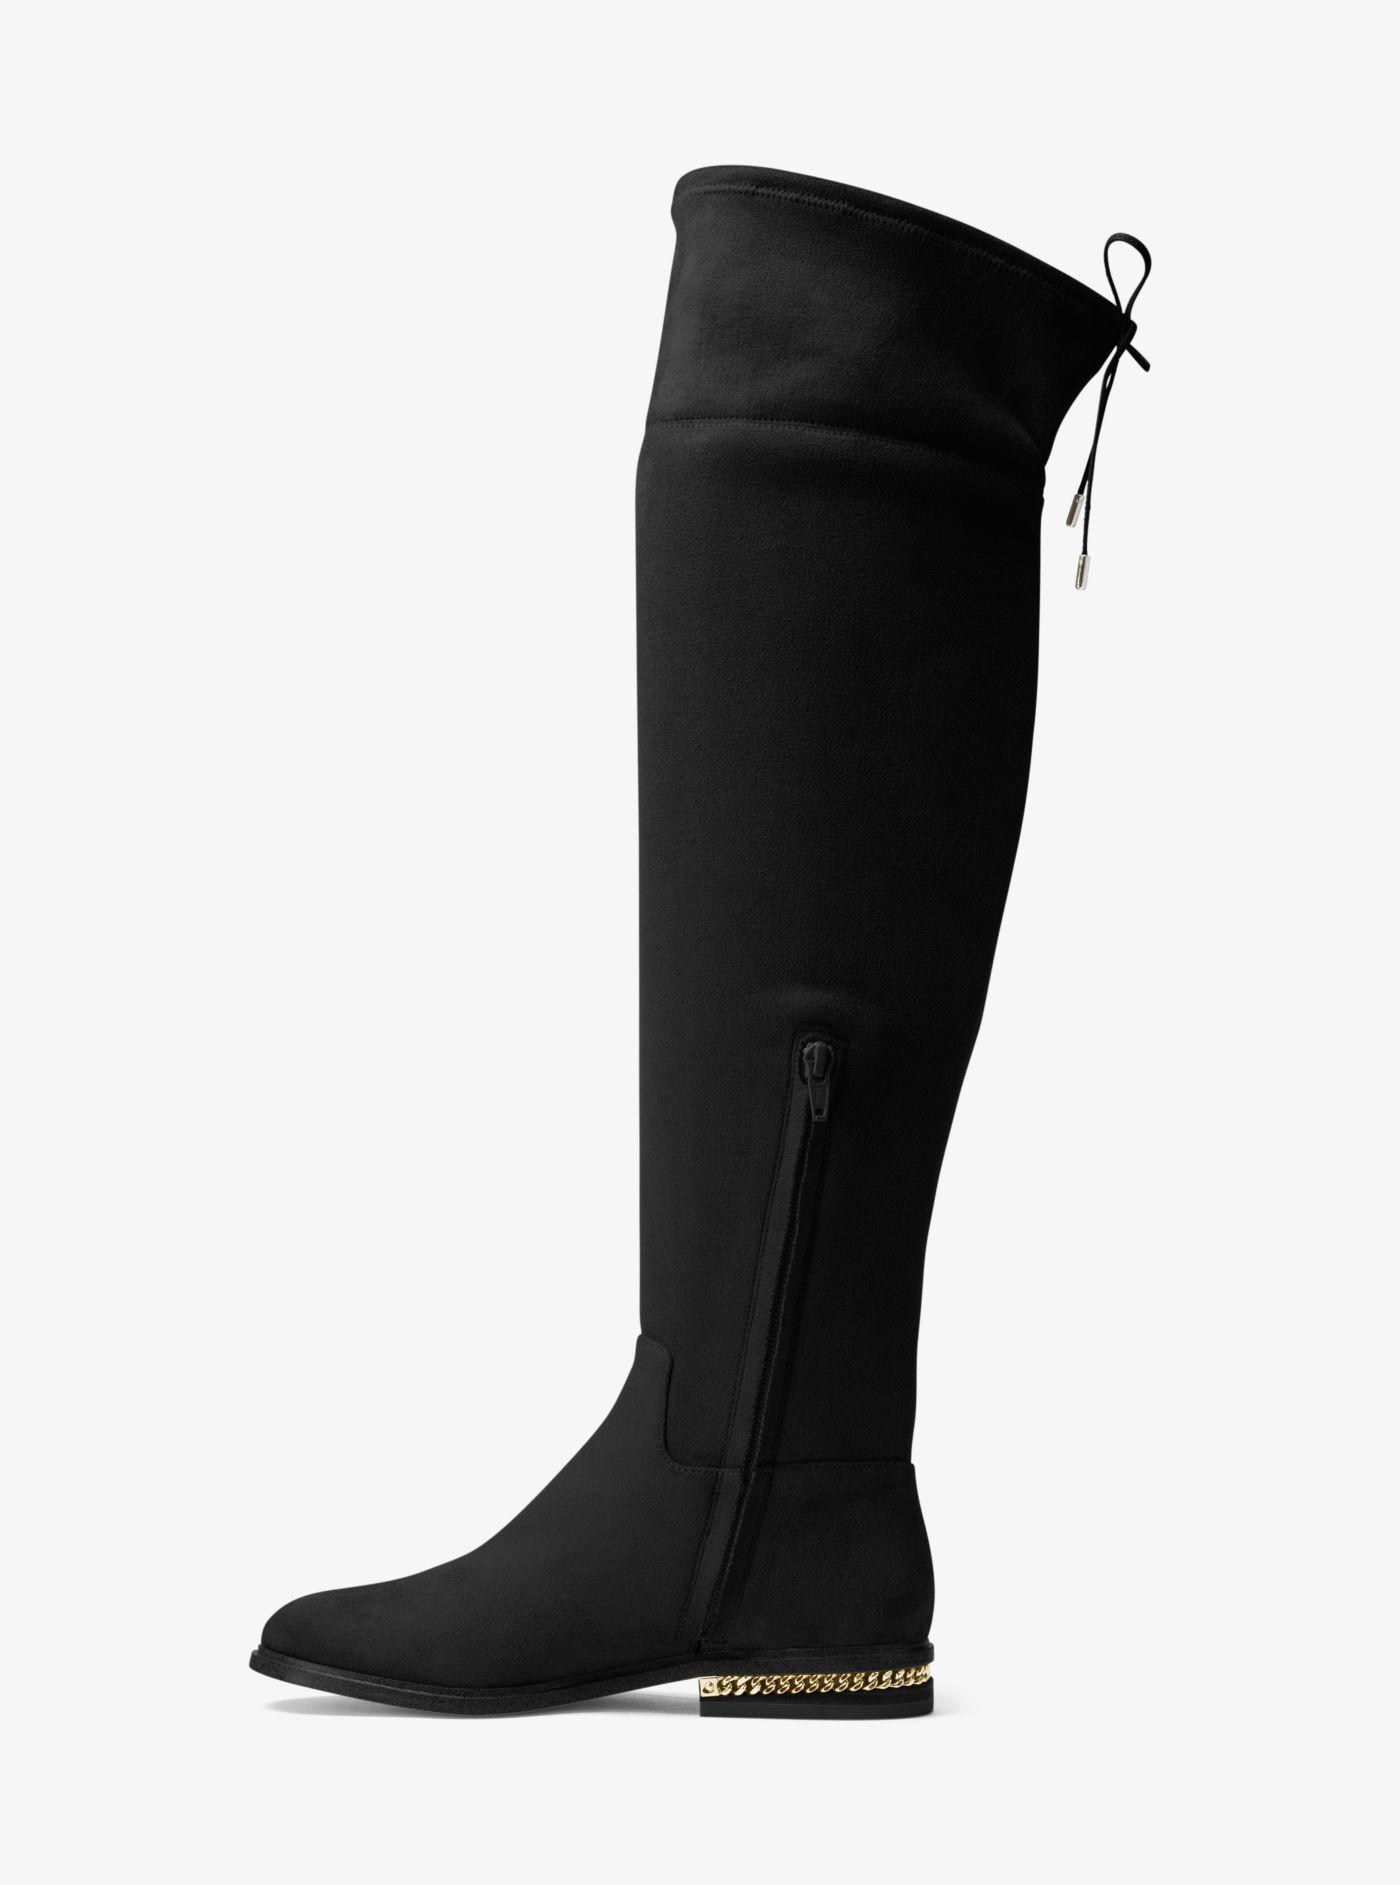 Michael Kors Jamie Suede Boot in Black